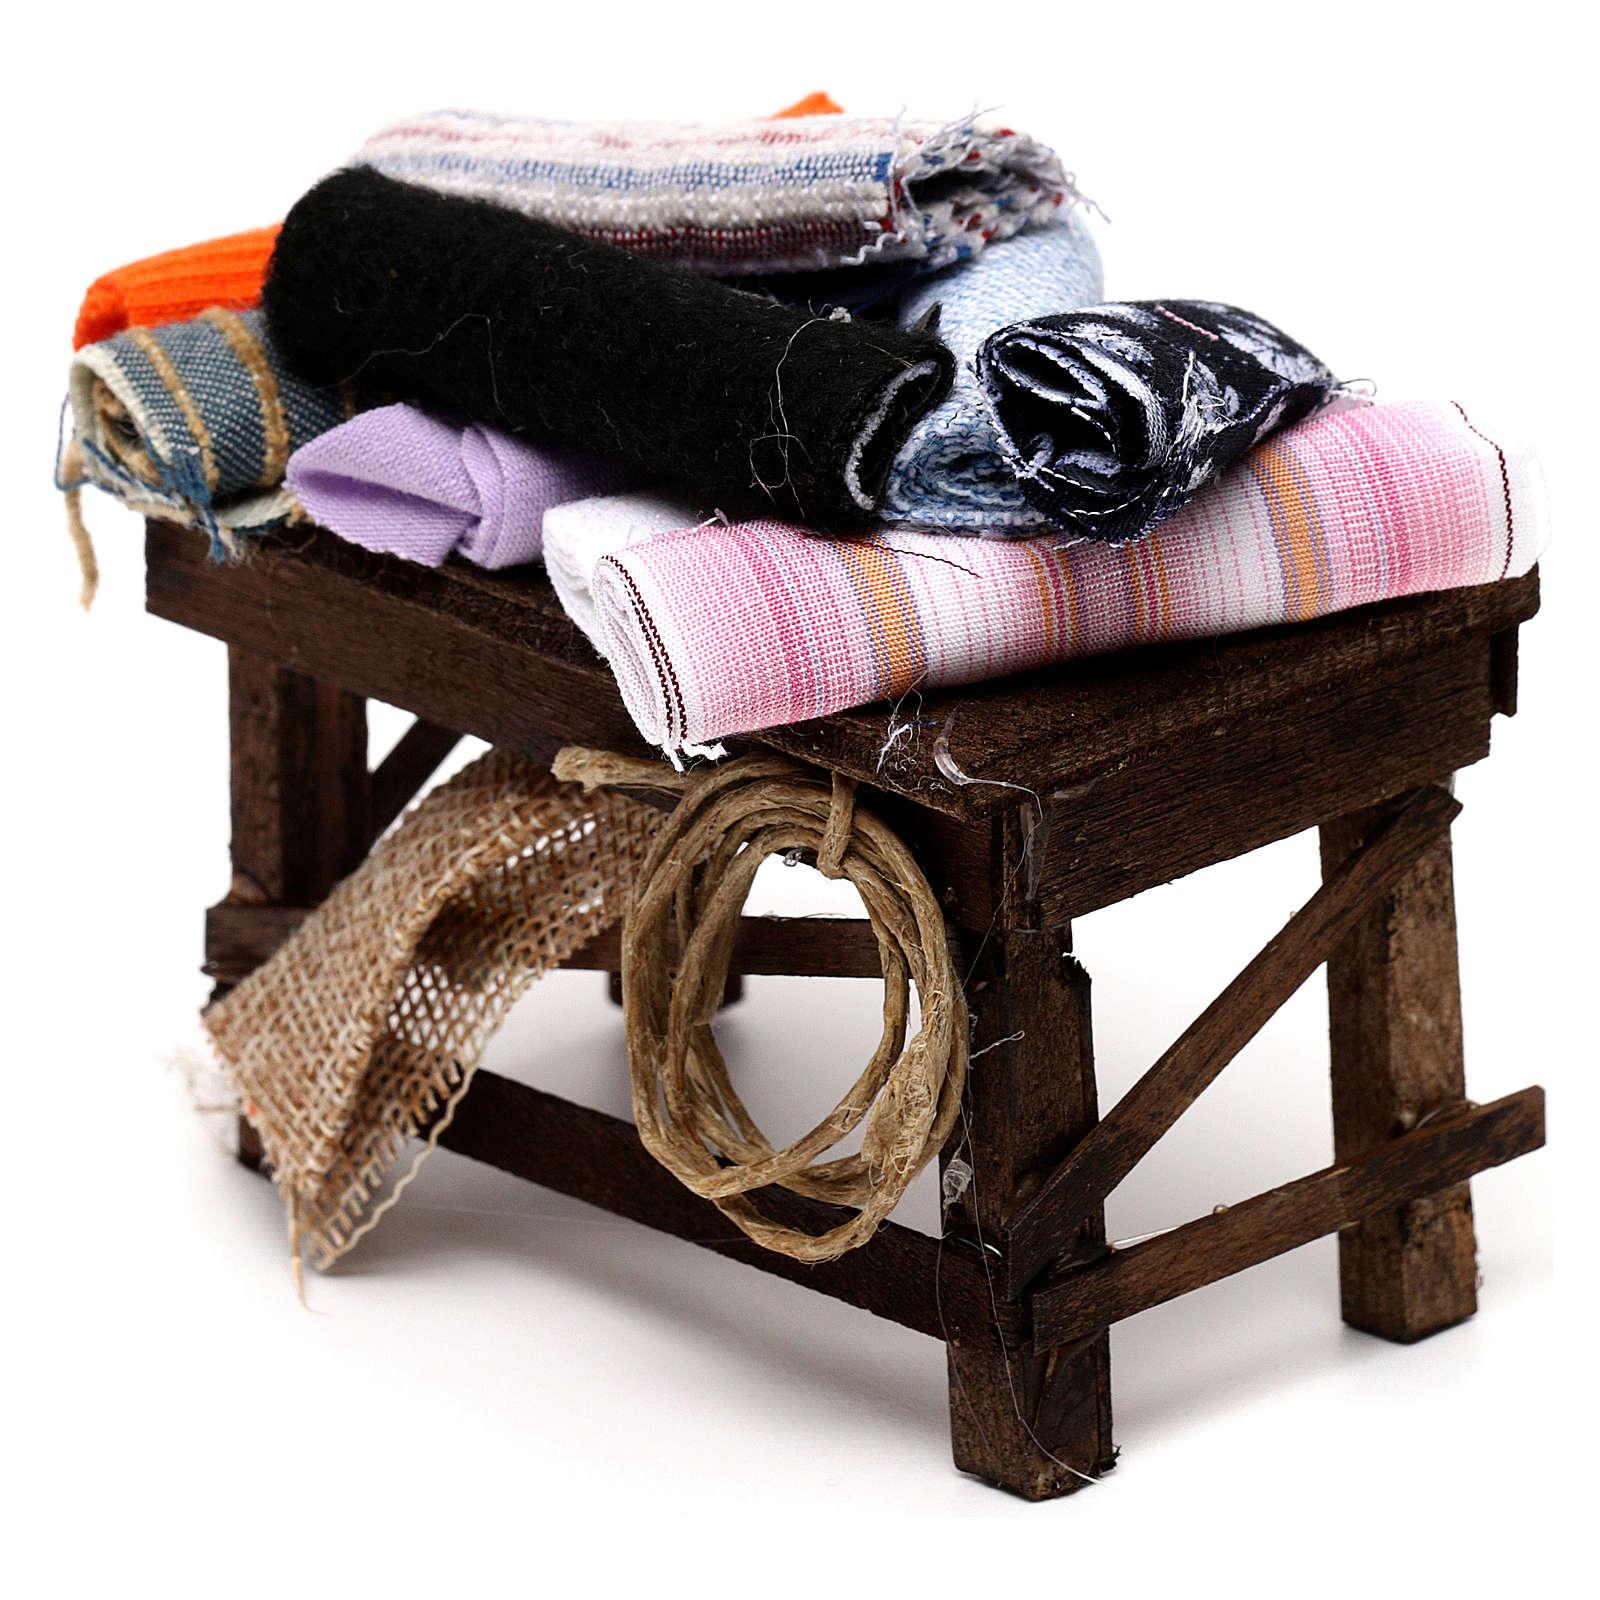 Neapolitan Nativity scene accessory, cloth table 4